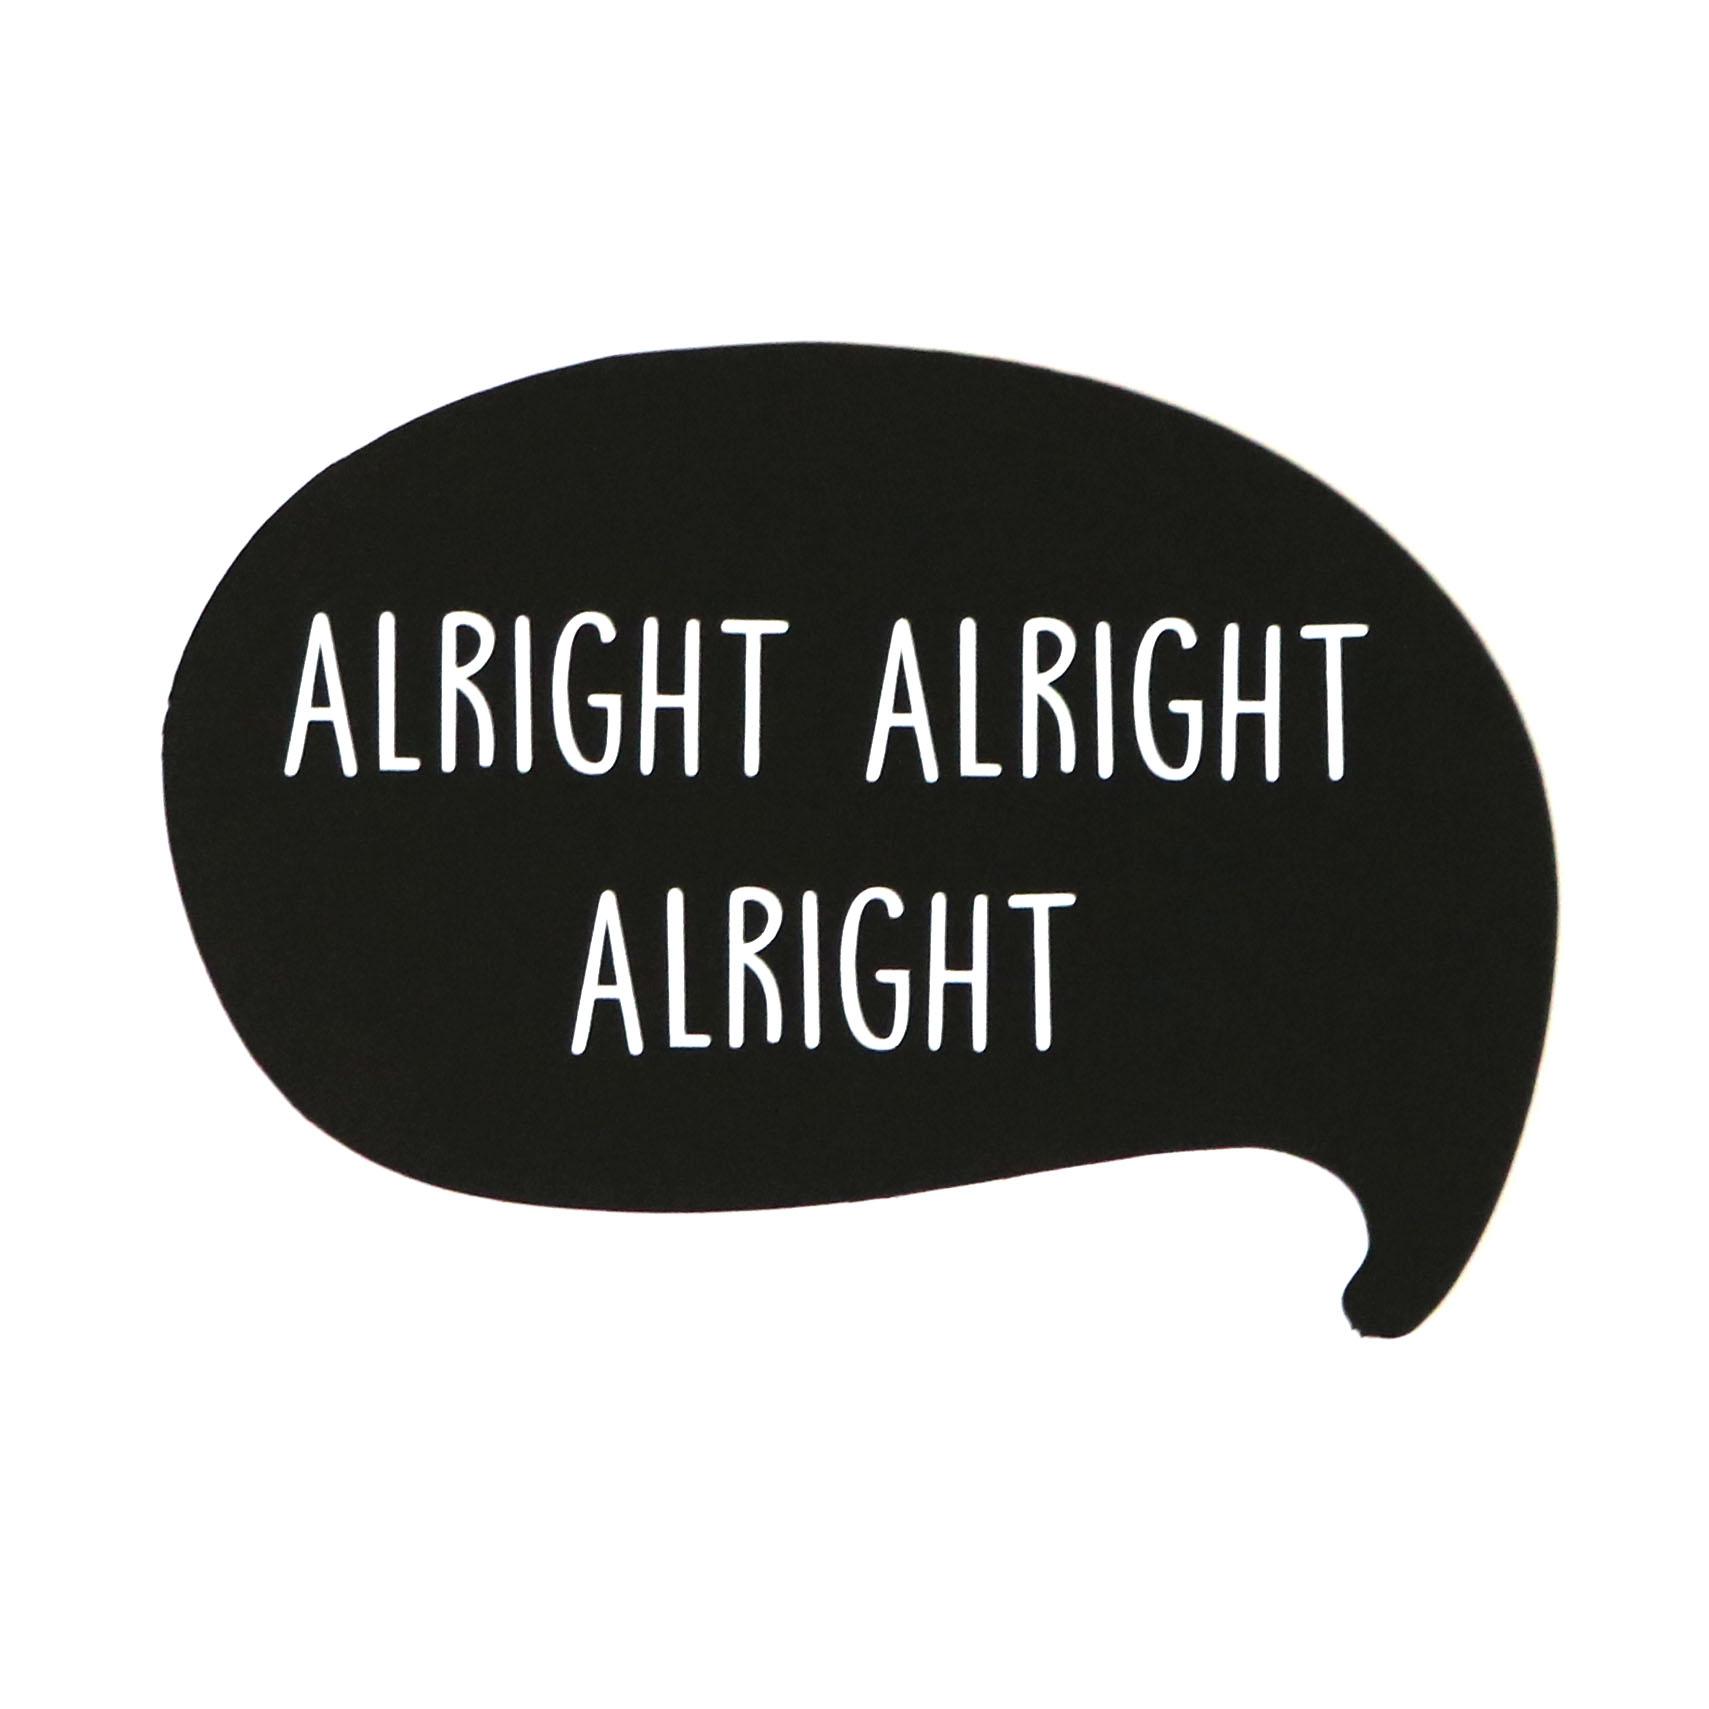 AlrightAlrightAlright.jpg